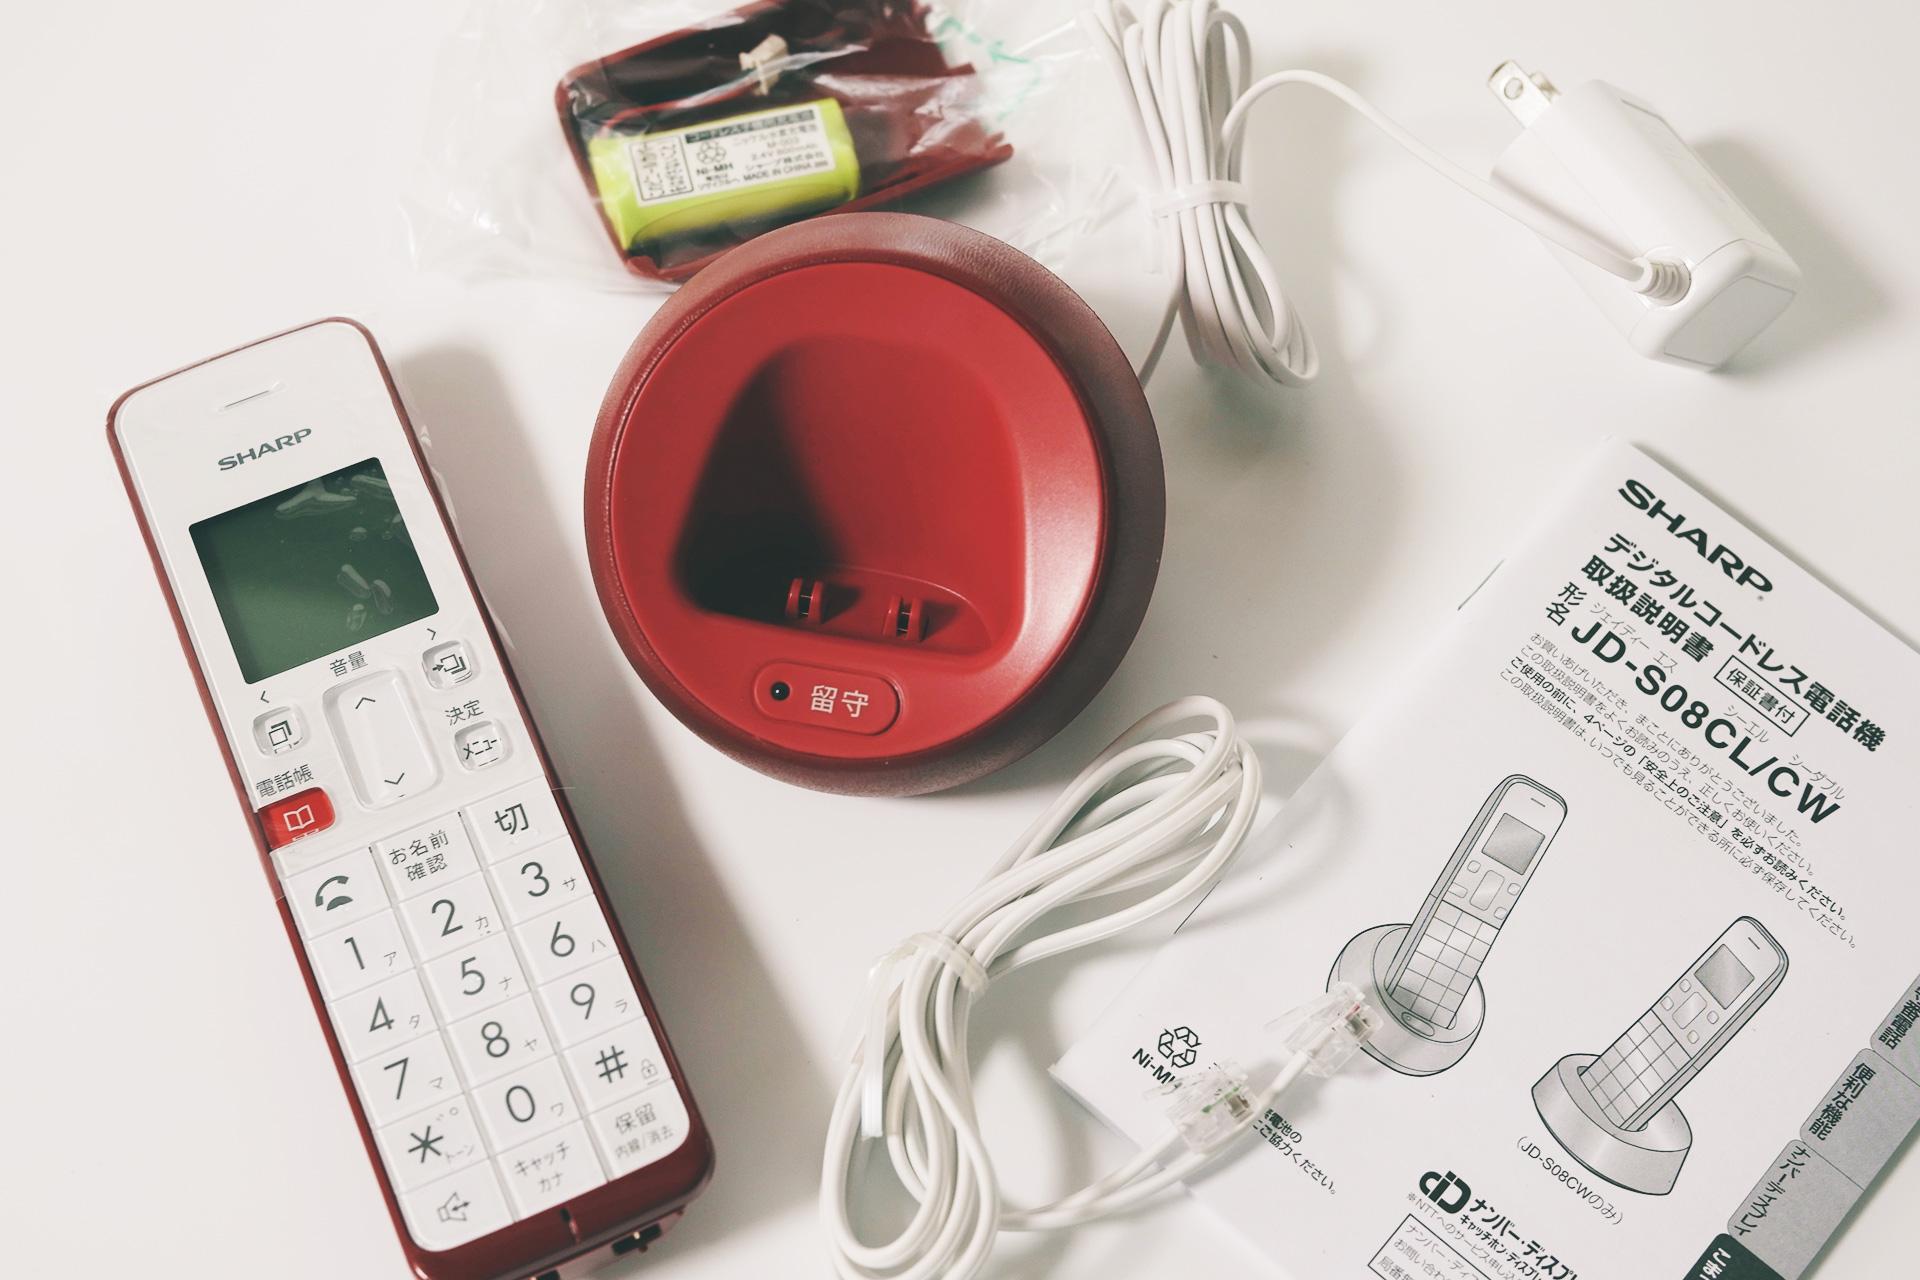 電話機SHARP JD-S08CL-R 付属品